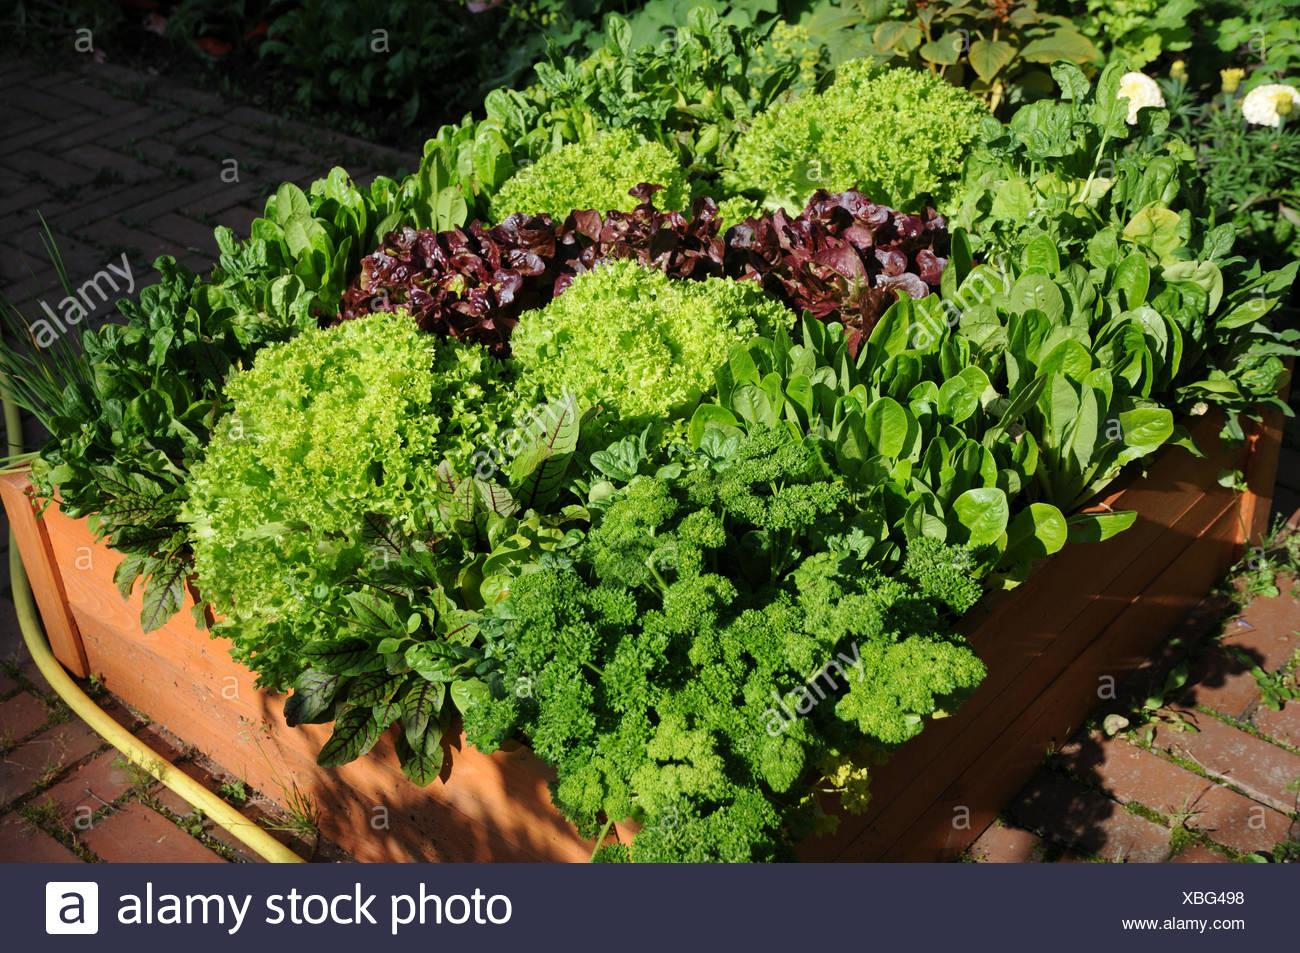 Hochbeet Mit Salat Und Petersilie Stockfoto Bild 282481732 Alamy